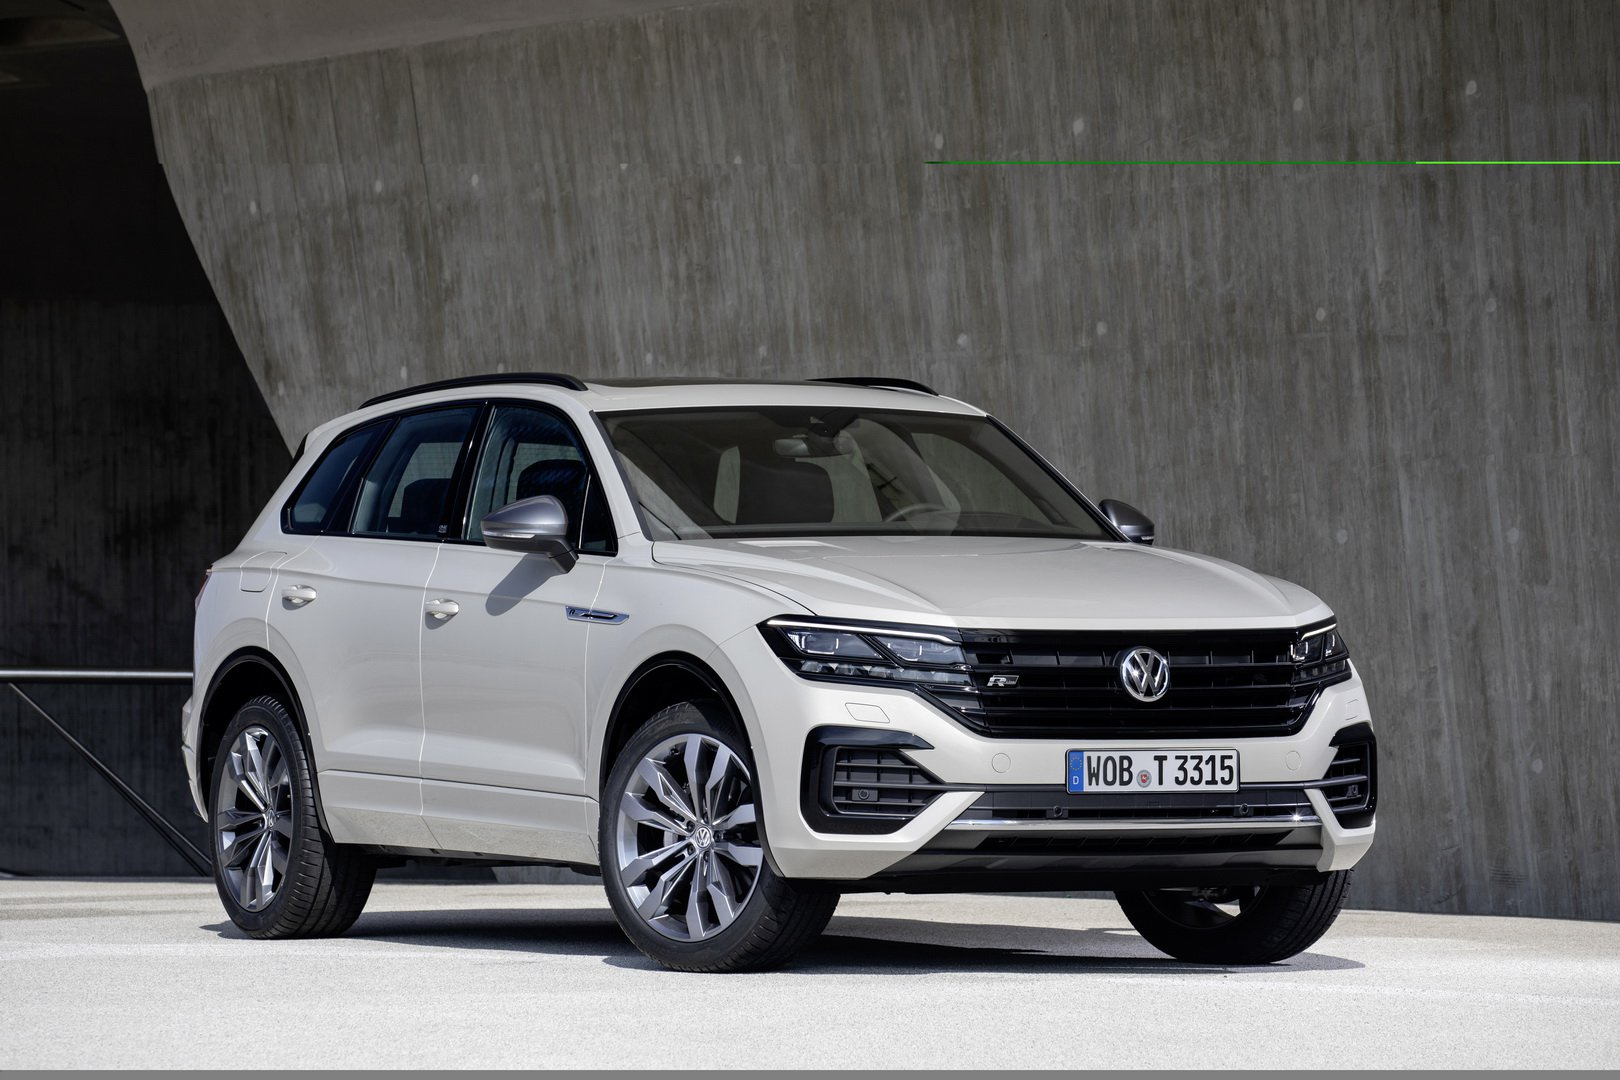 Volkswagen-Touareg-One-Million-Edition-1